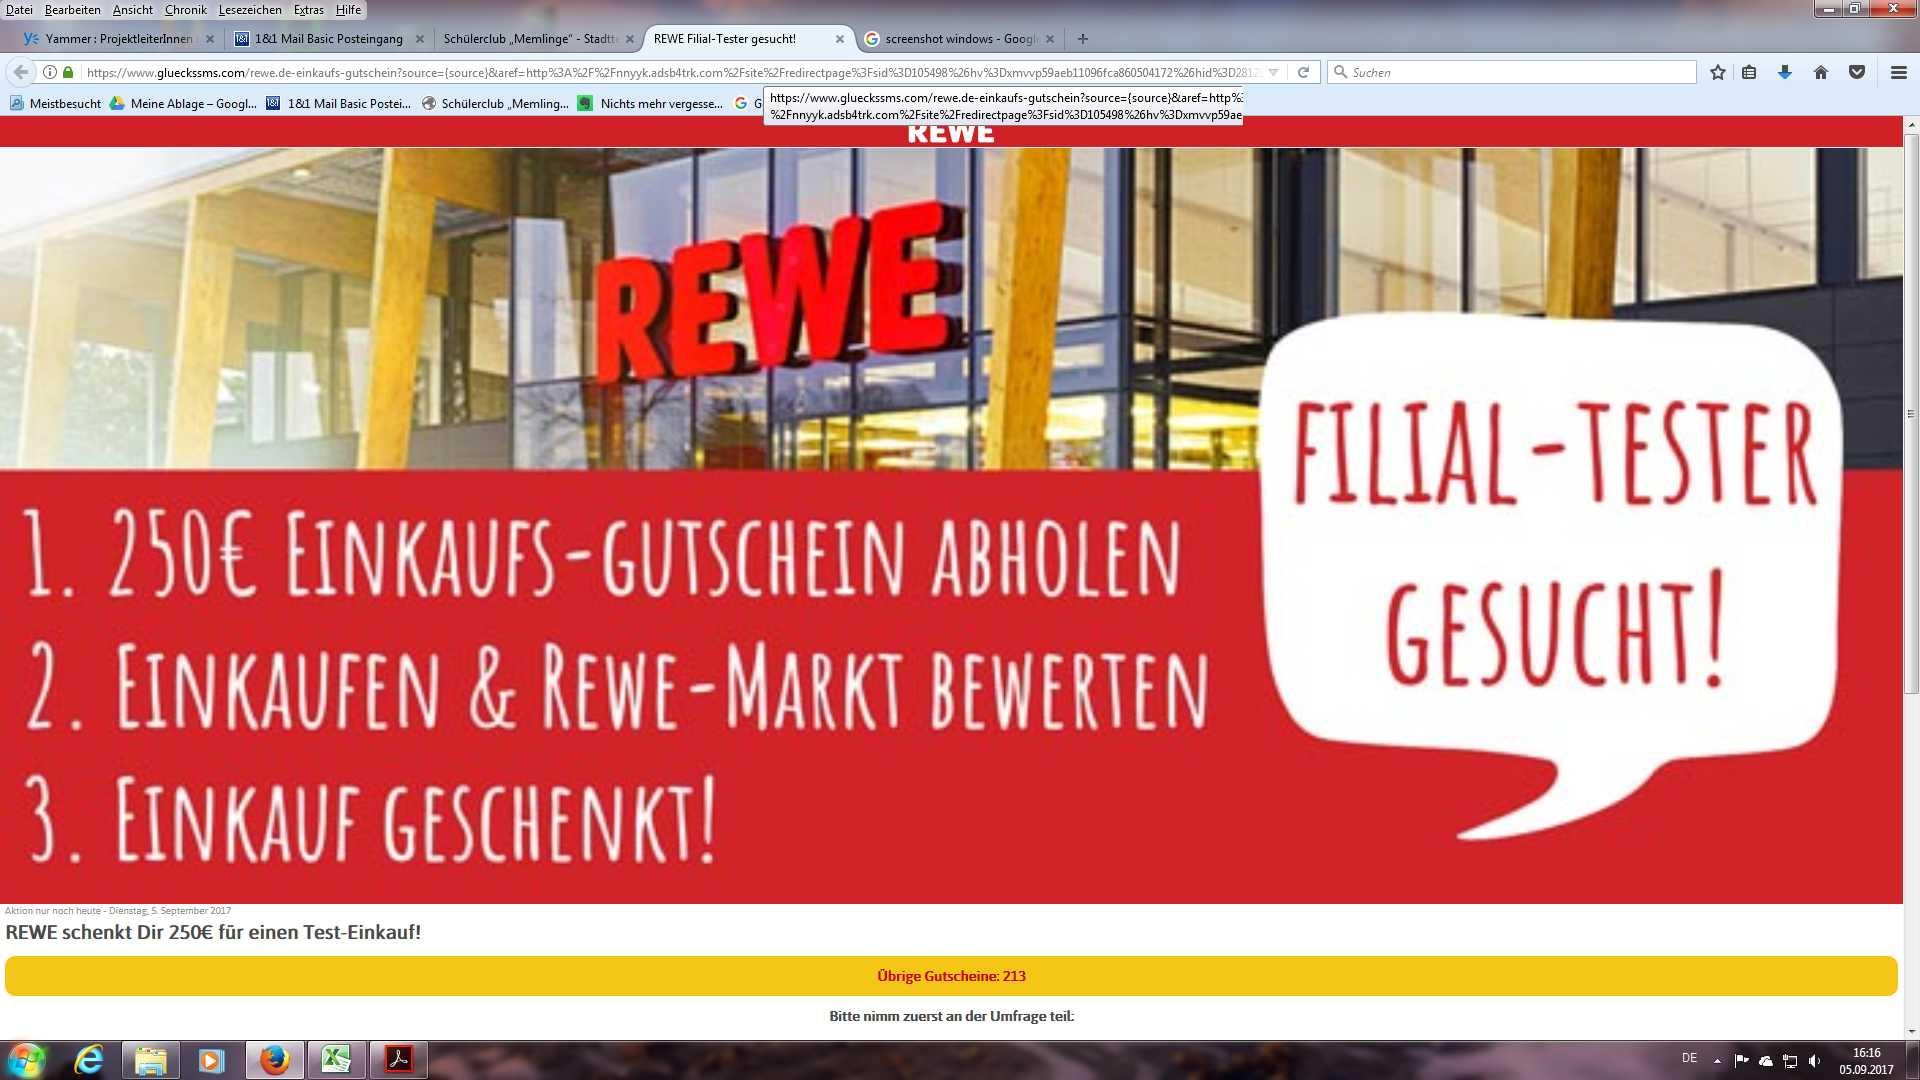 Rewe Verschenkt 250 Eur Einkaufs-Gutscheine: Rewe.De-Dein-Gutschein.Com